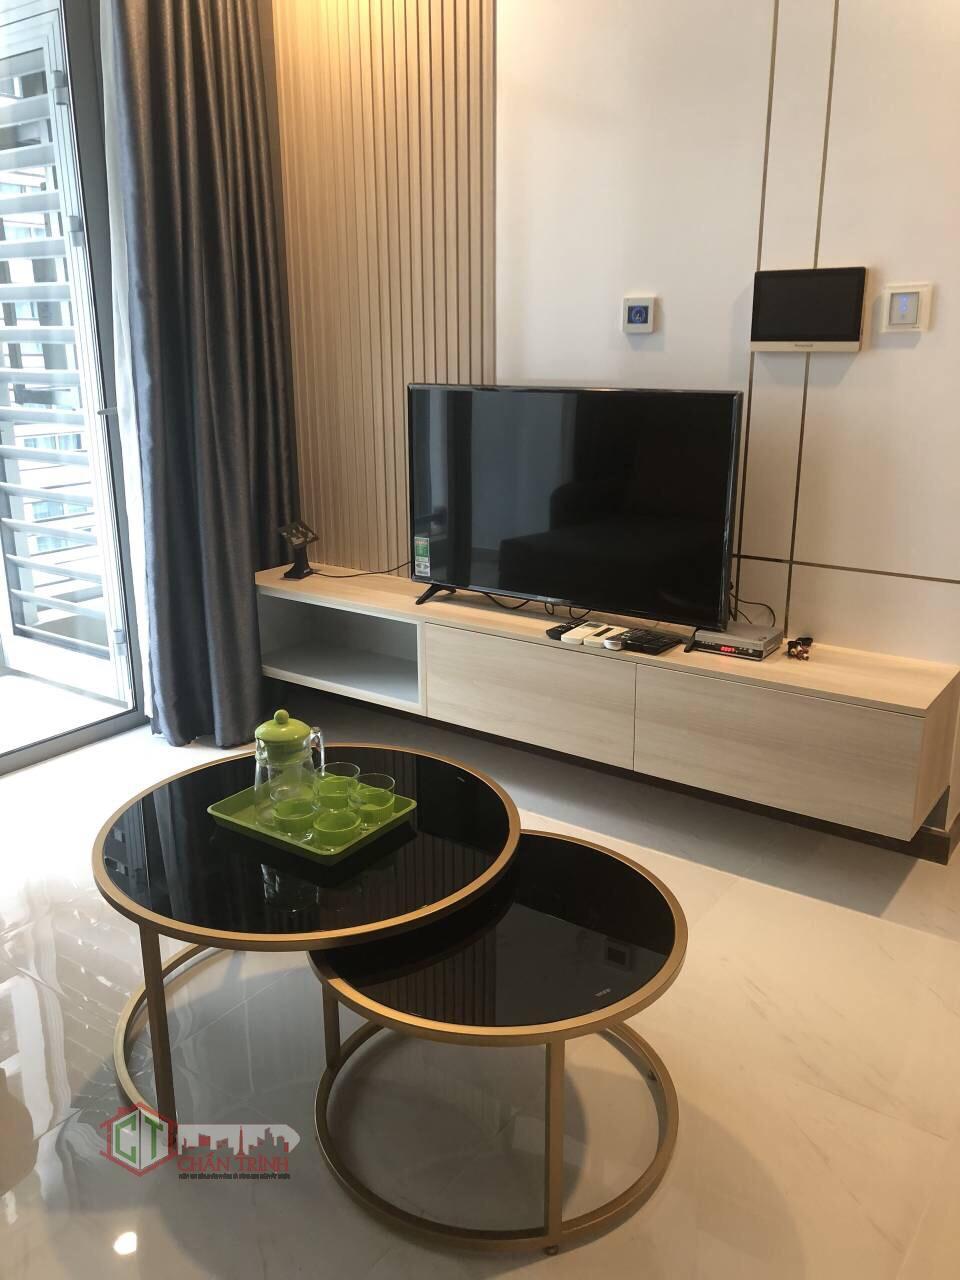 Tivi phòng khách căn hộ 2 phòng ngủ L6 - Vinhomes Central Park